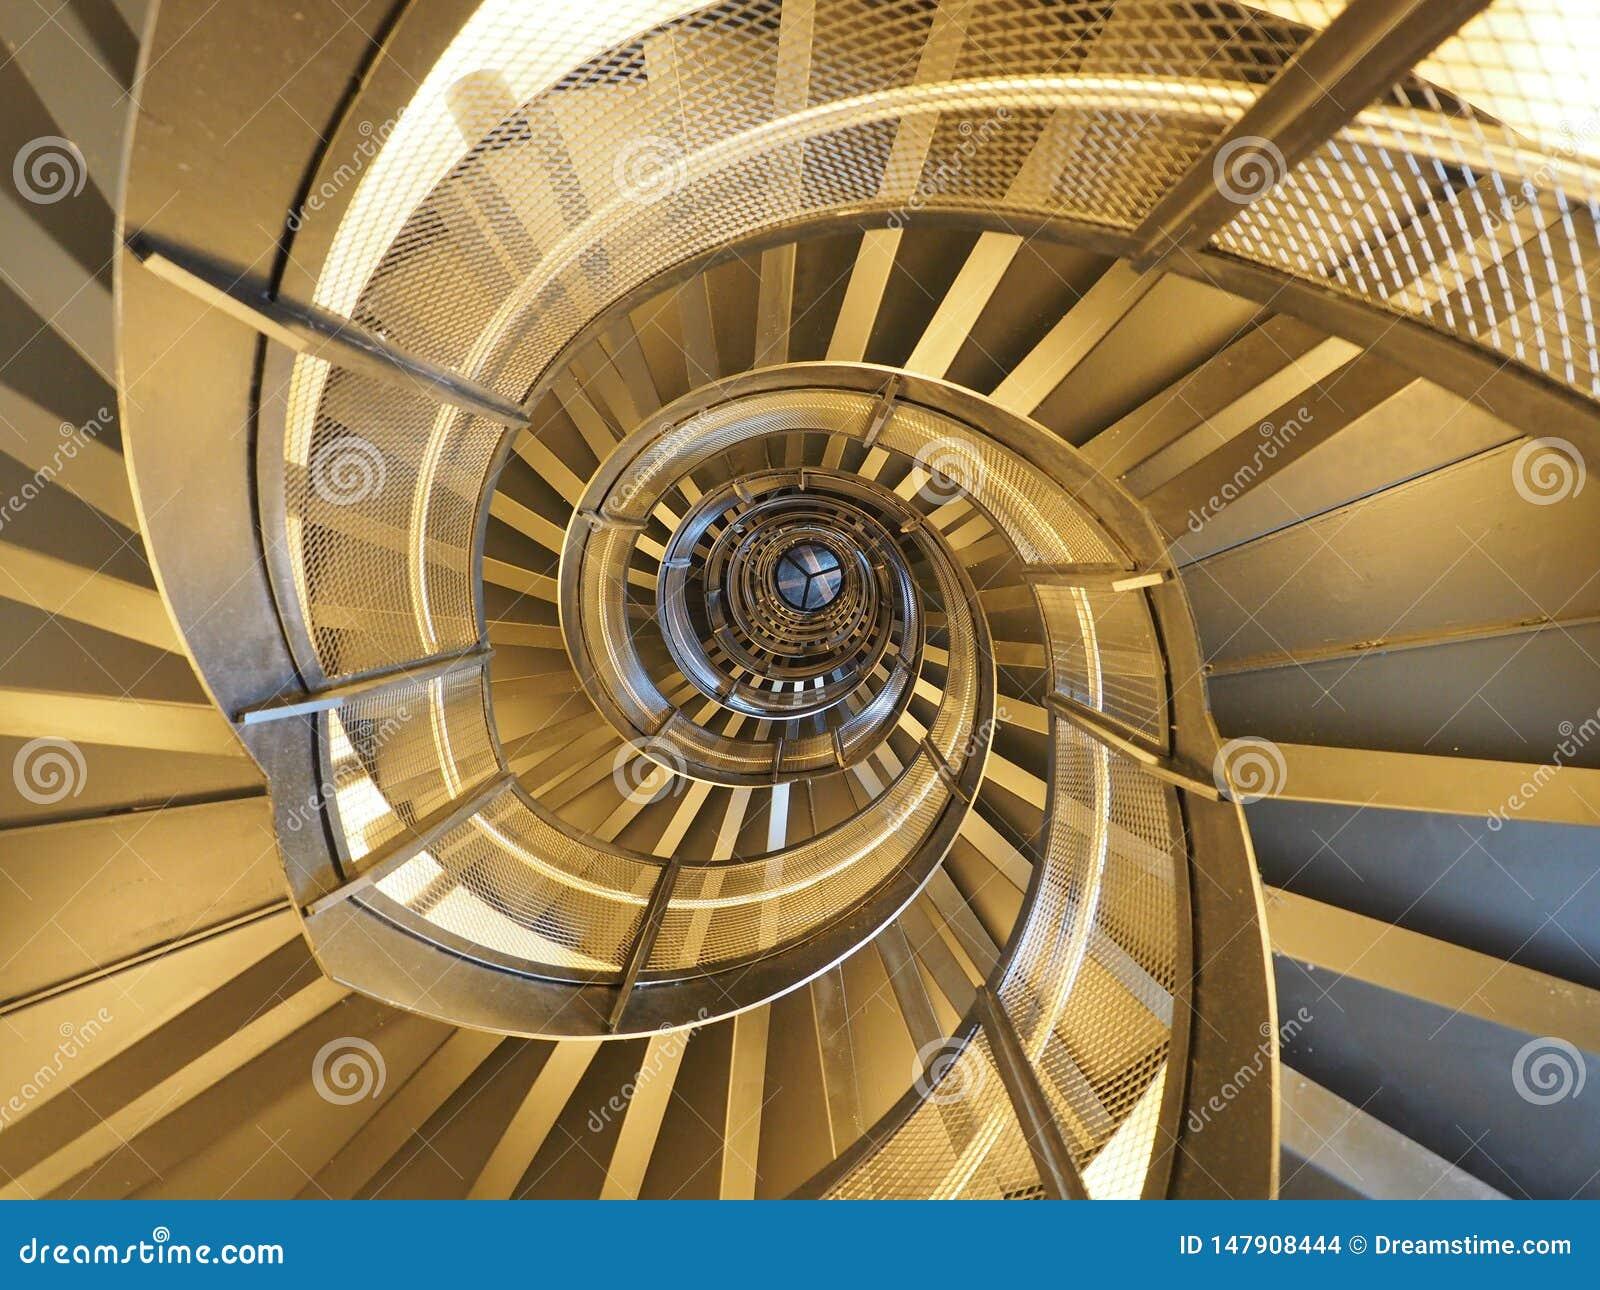 Escalera espiral moderna, de oro que da una visión hipnótica